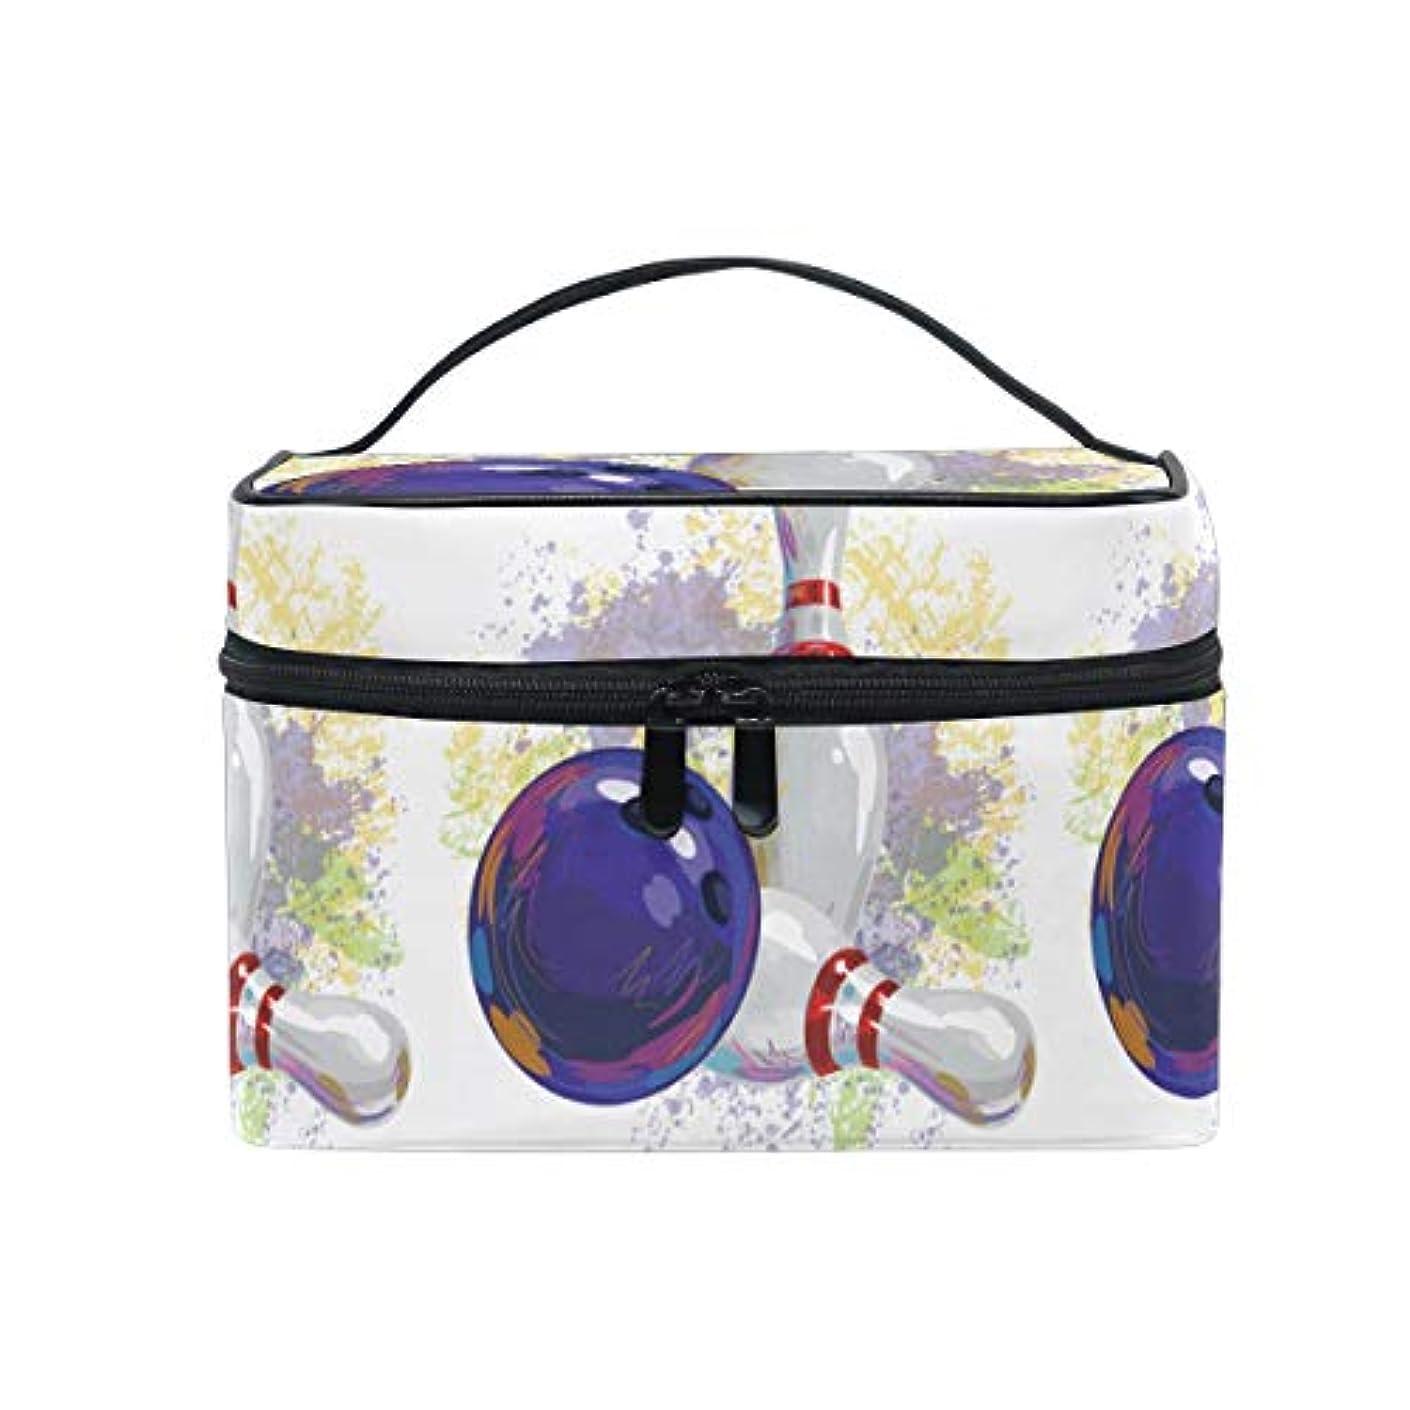 悲しむ組立化粧水彩アートボウリングボールメイクバッグ 旅行 メイクボックス バッグ トイレタリー トレイン ケース レディース 美容 化粧ポーチ ポーチ